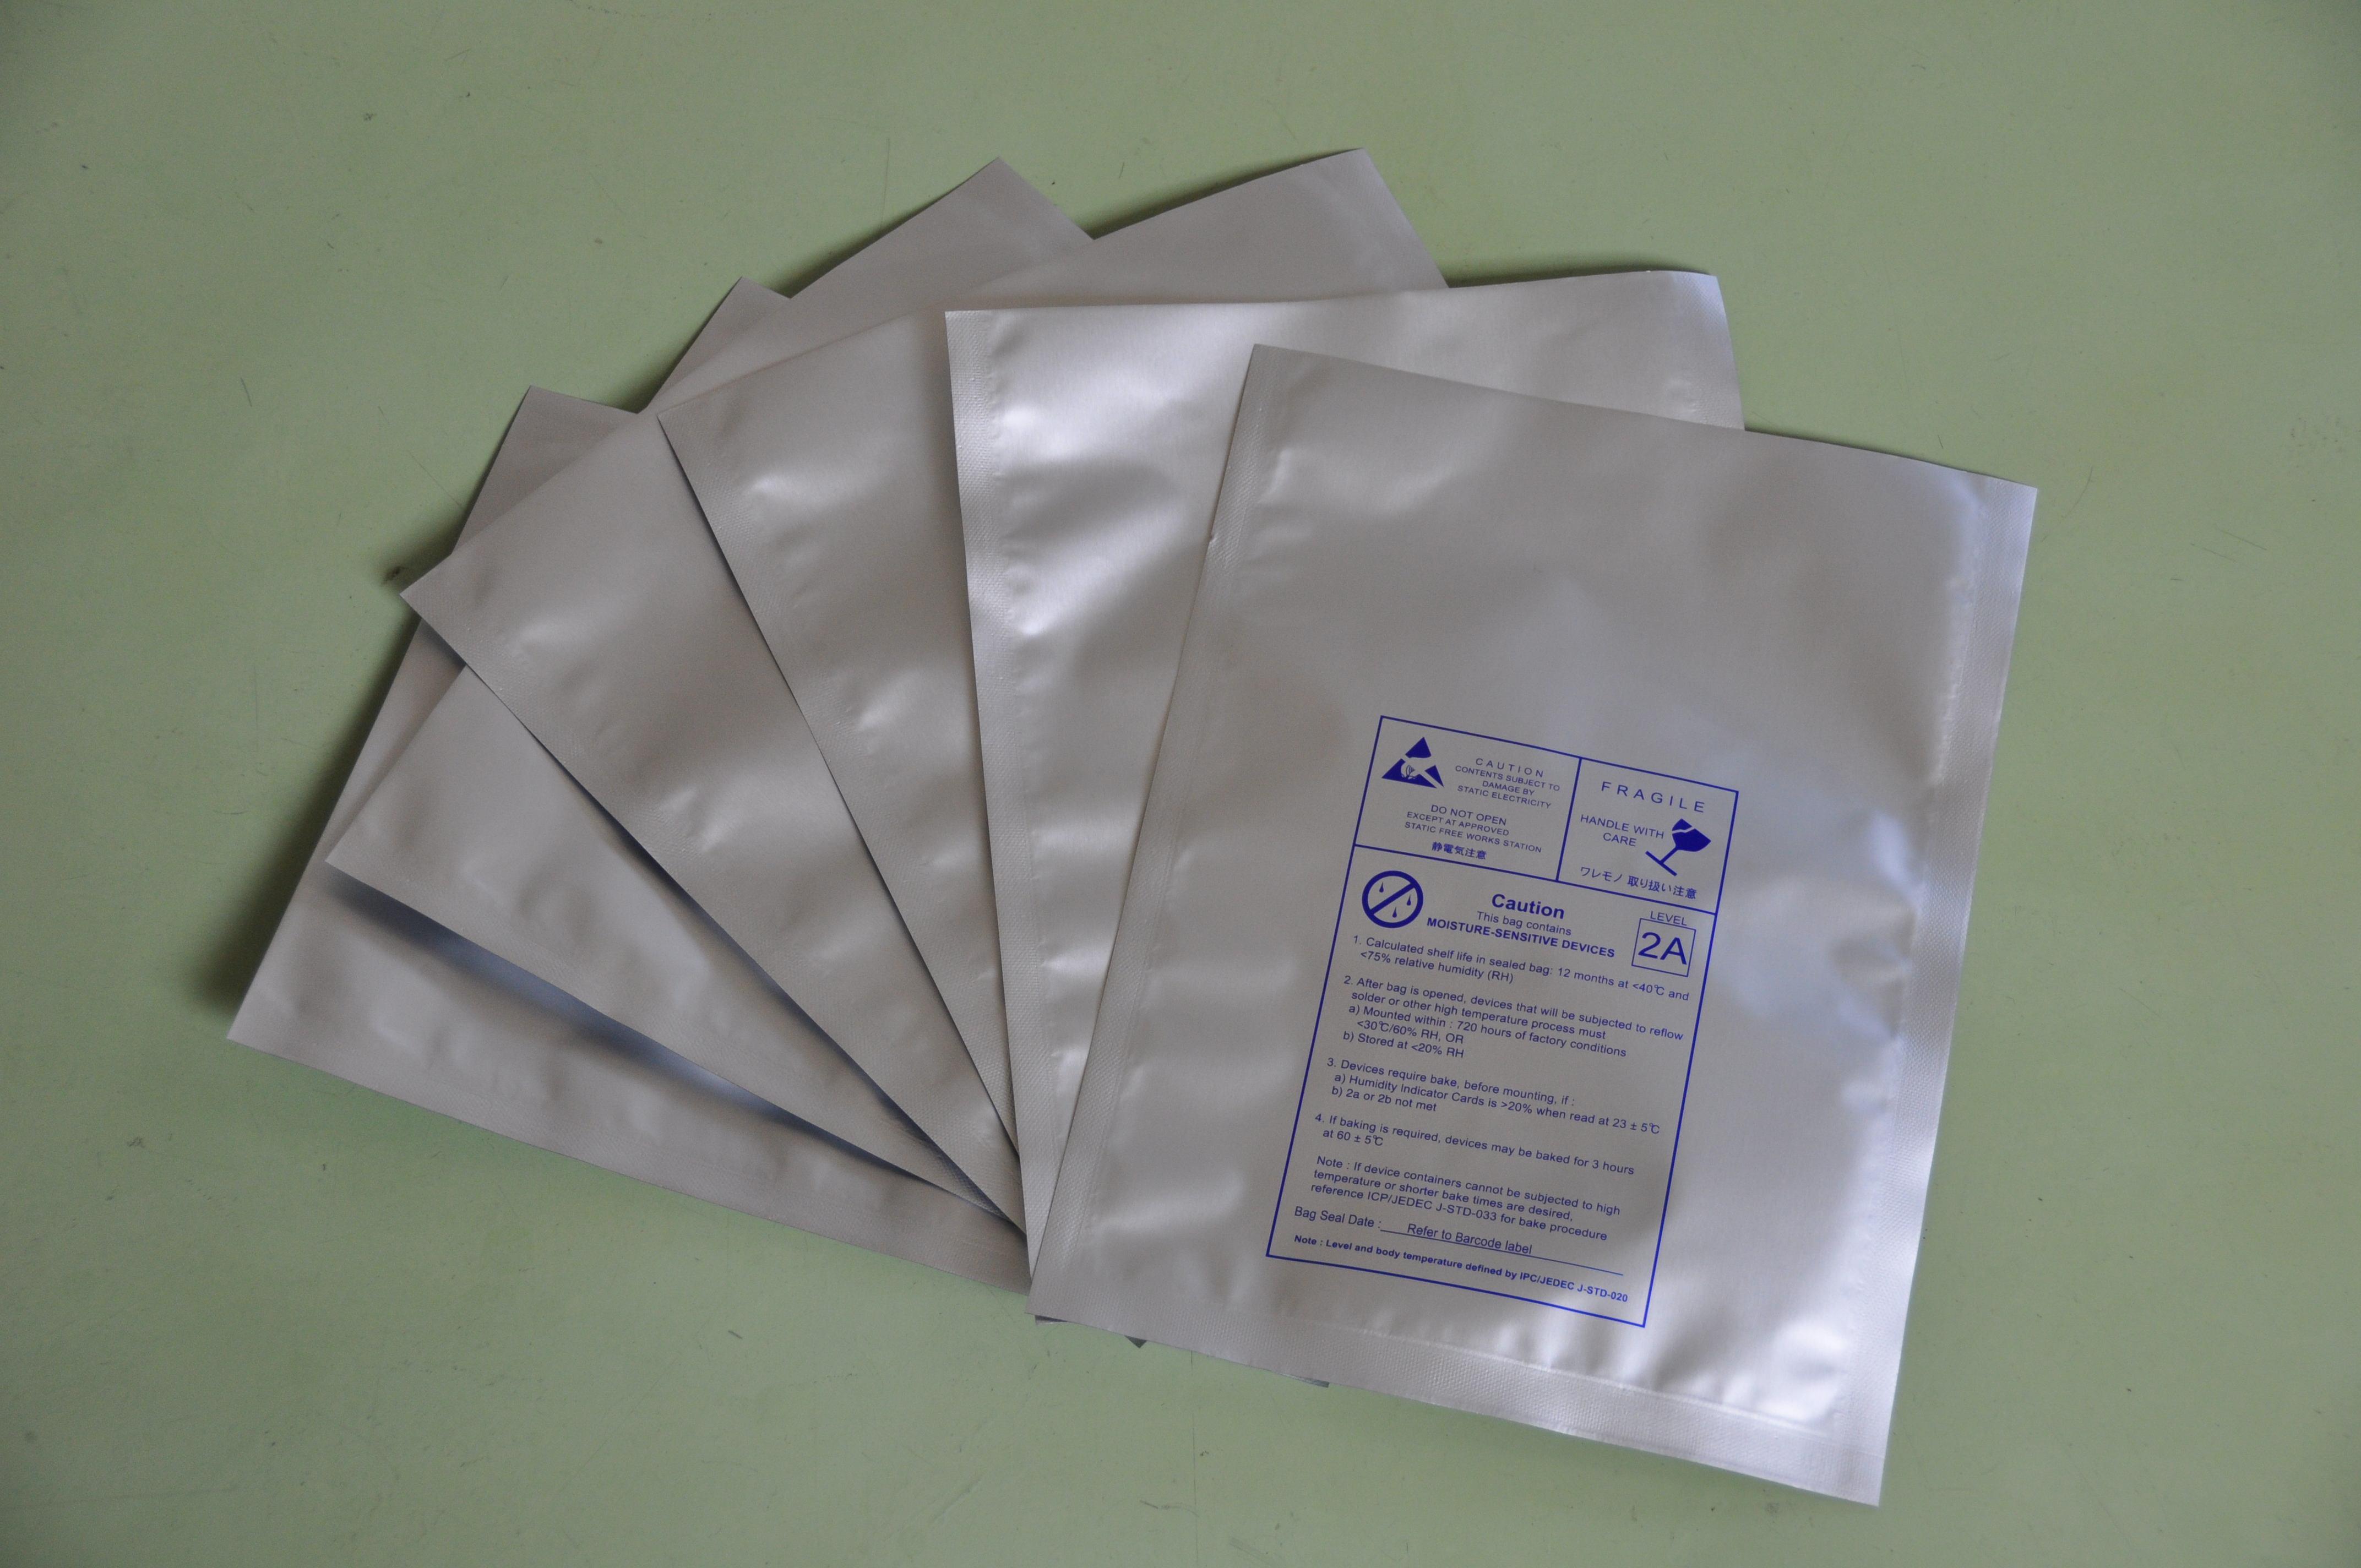 供应早孕测试卡包装袋 早早孕测试纸包装袋 生物医... _阿里巴巴